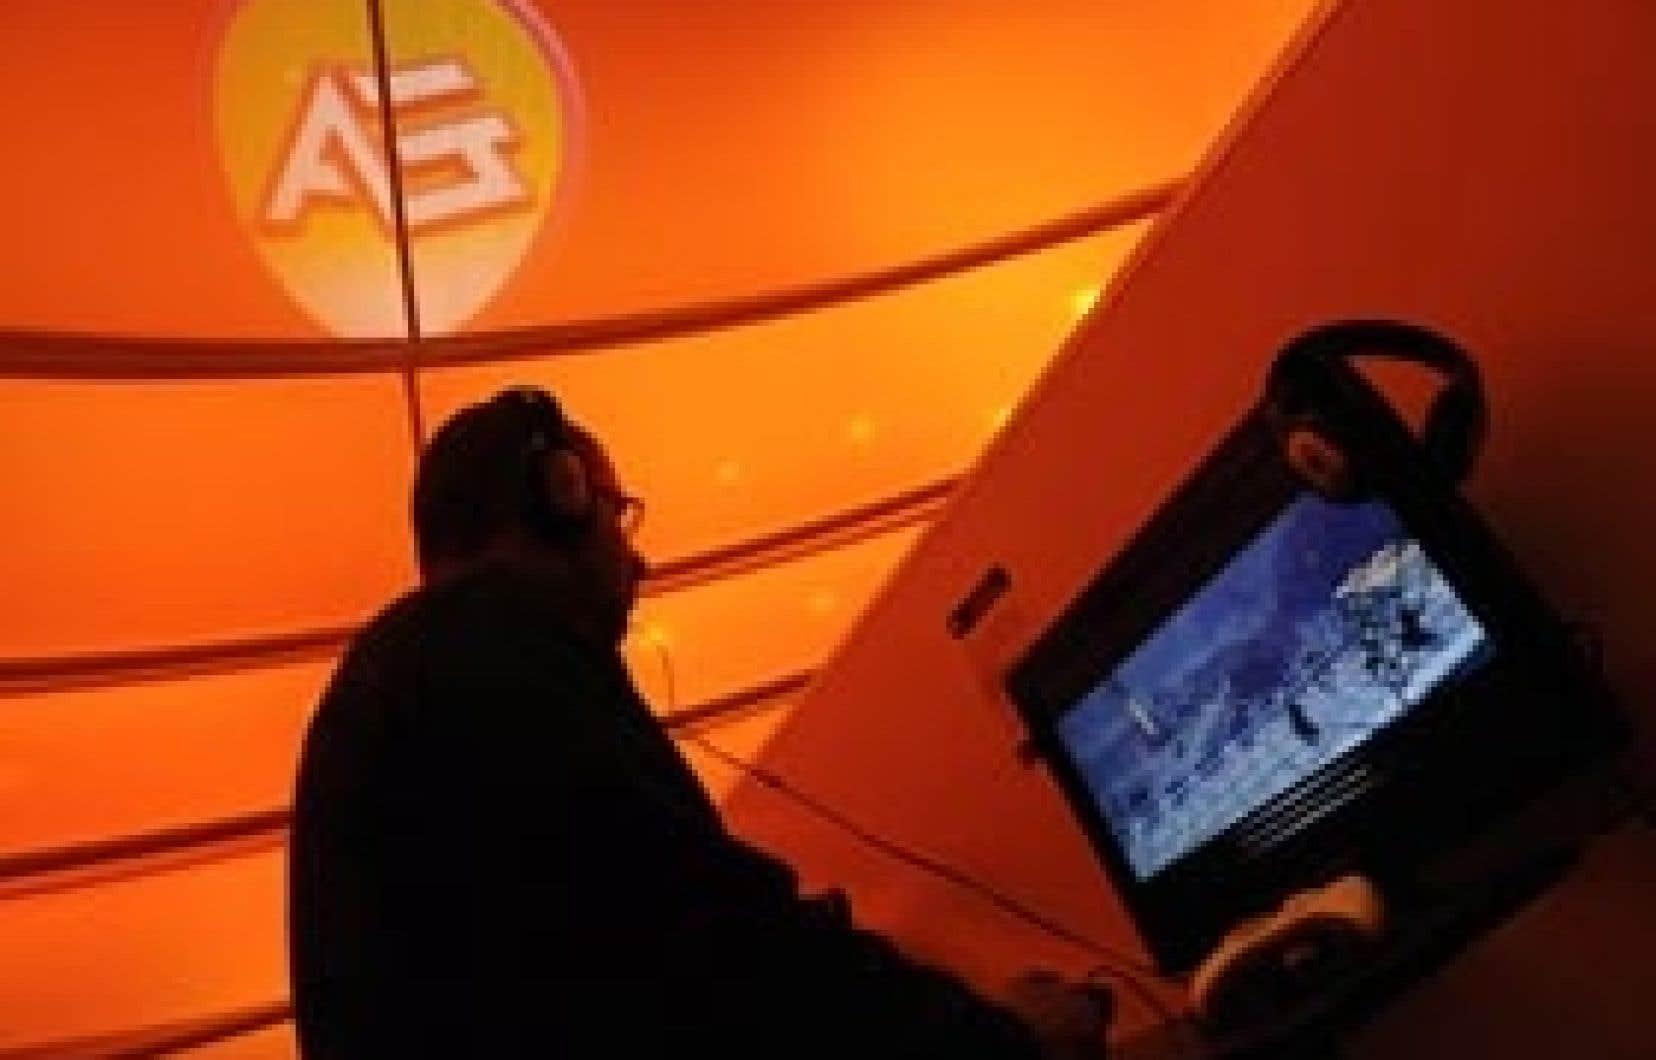 L'industrie canadienne du jeu vidéo a récolté des ventes records de 2,1 milliards de dollars en 2008, soit 500 millions de plus qu'en 2007.